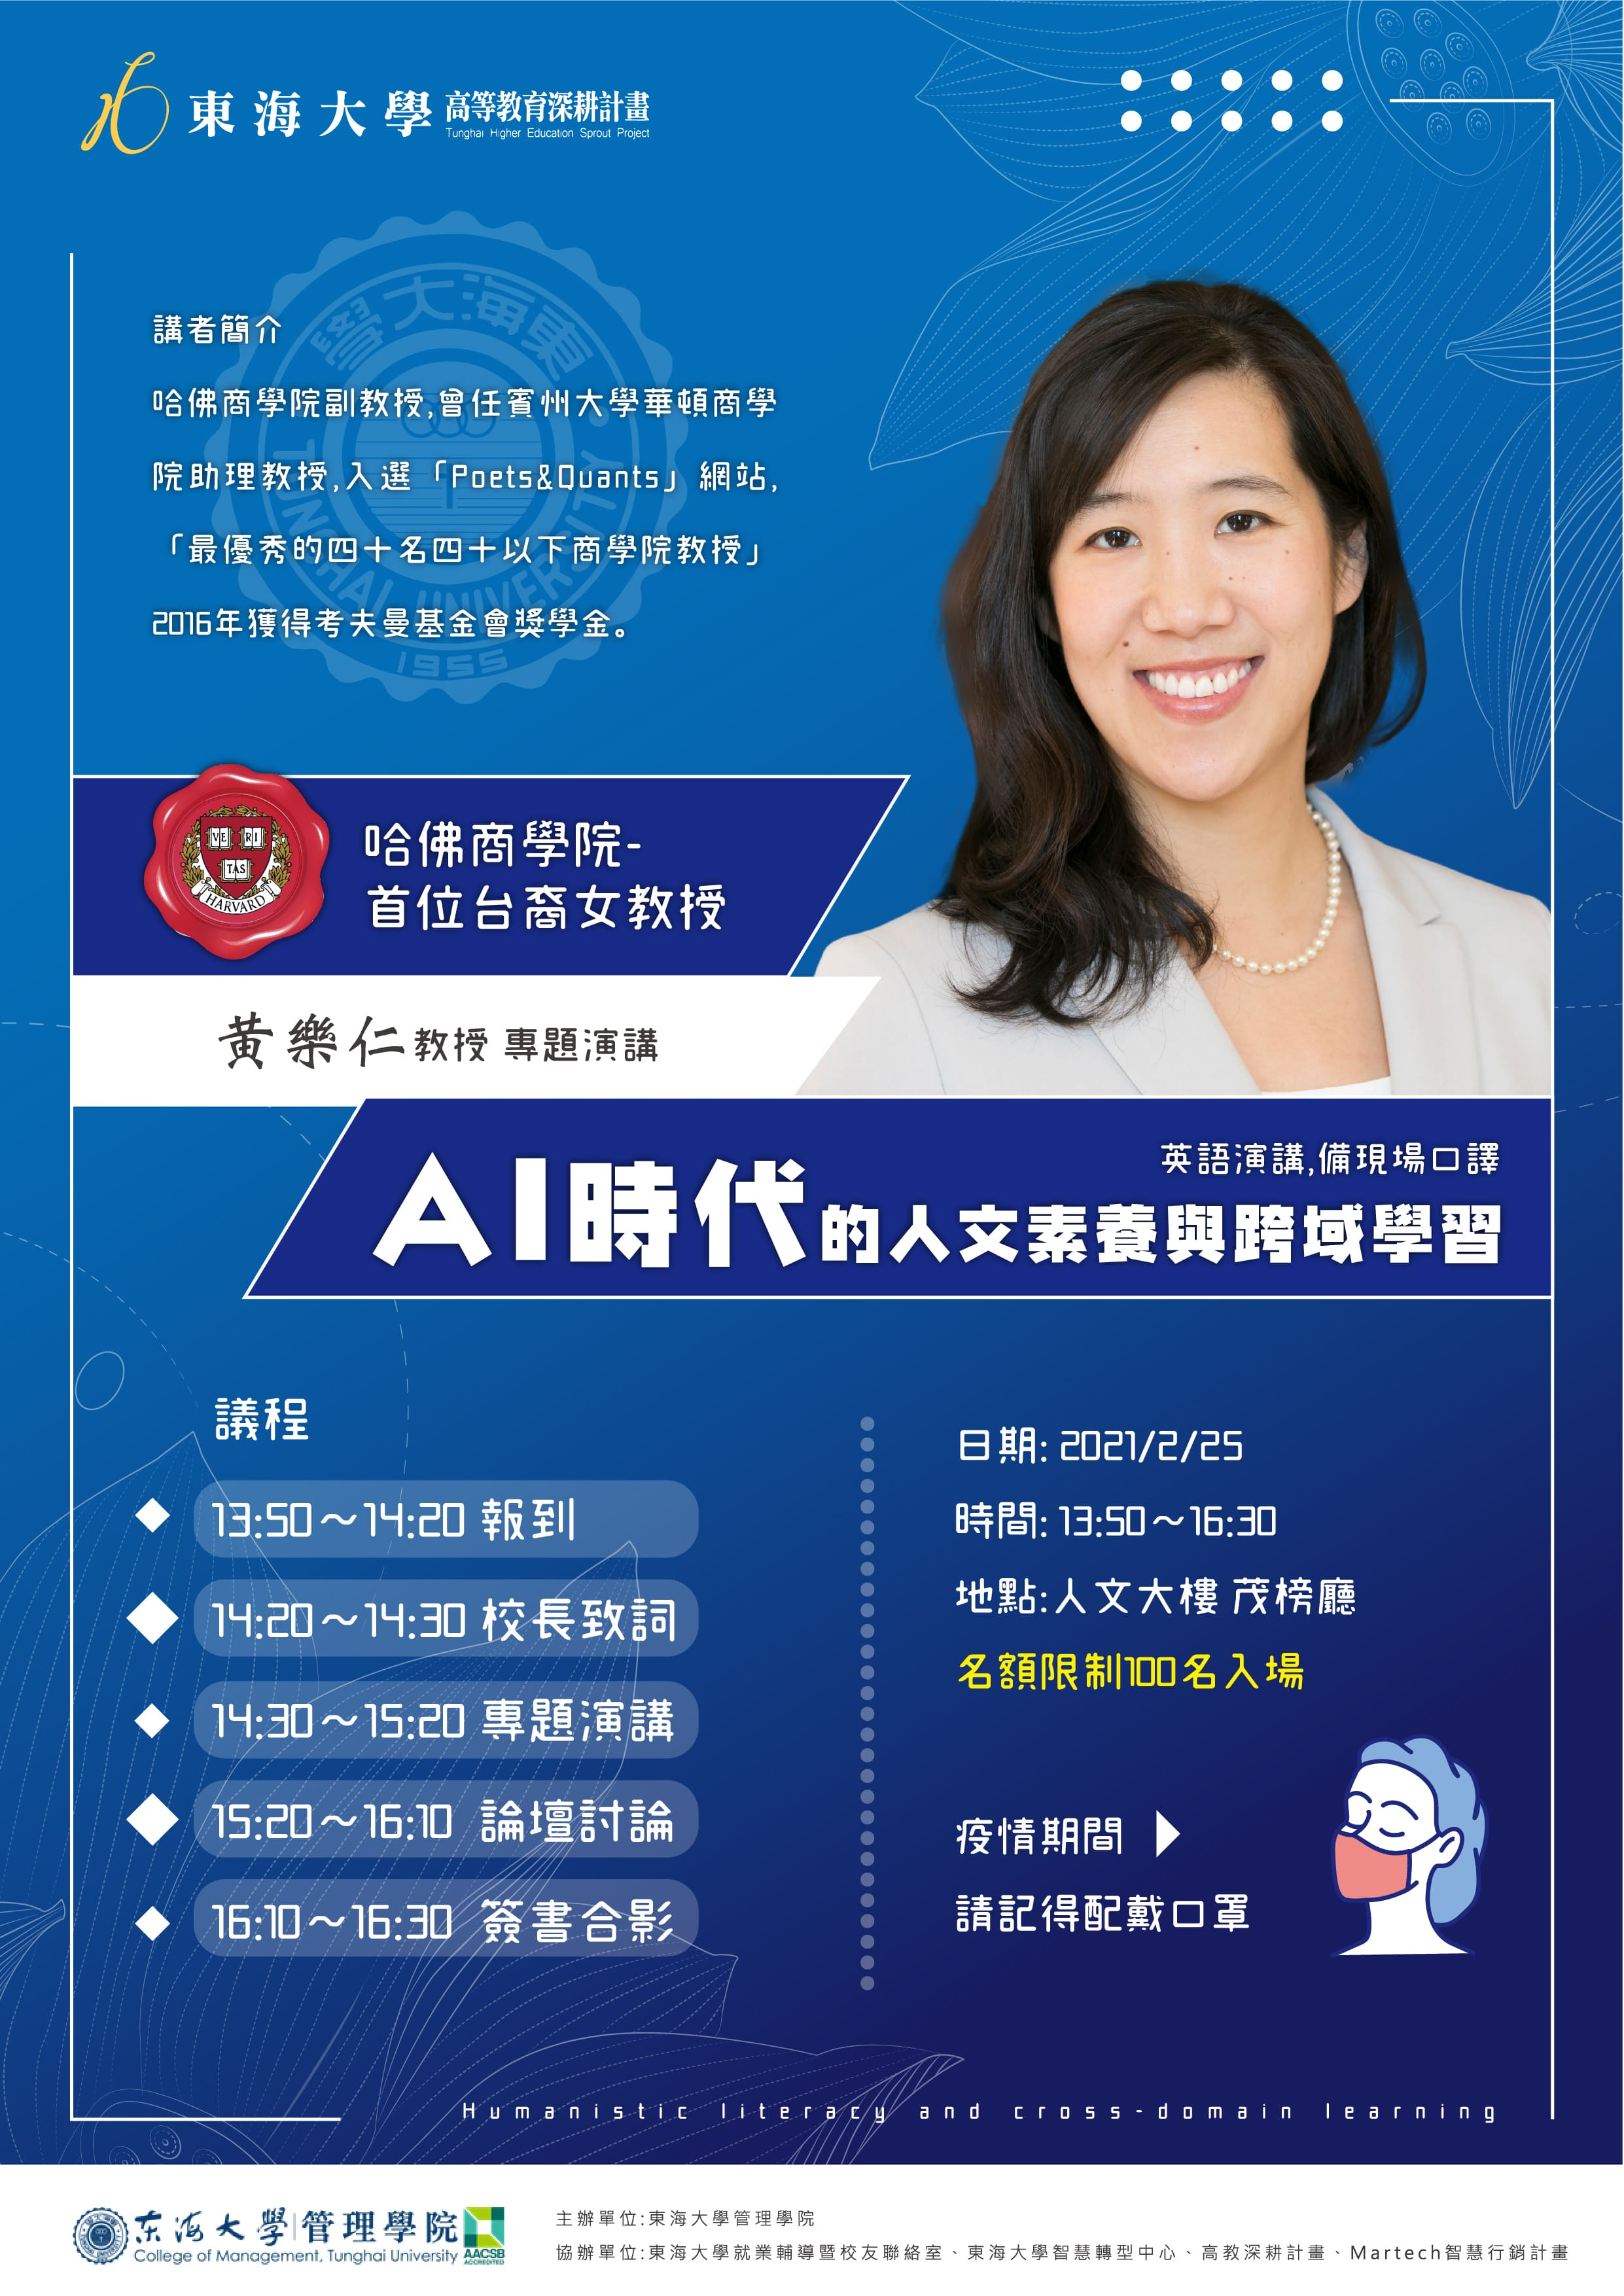 【演講&論壇】黃樂仁教授-AI時代的人文素養與跨域學習